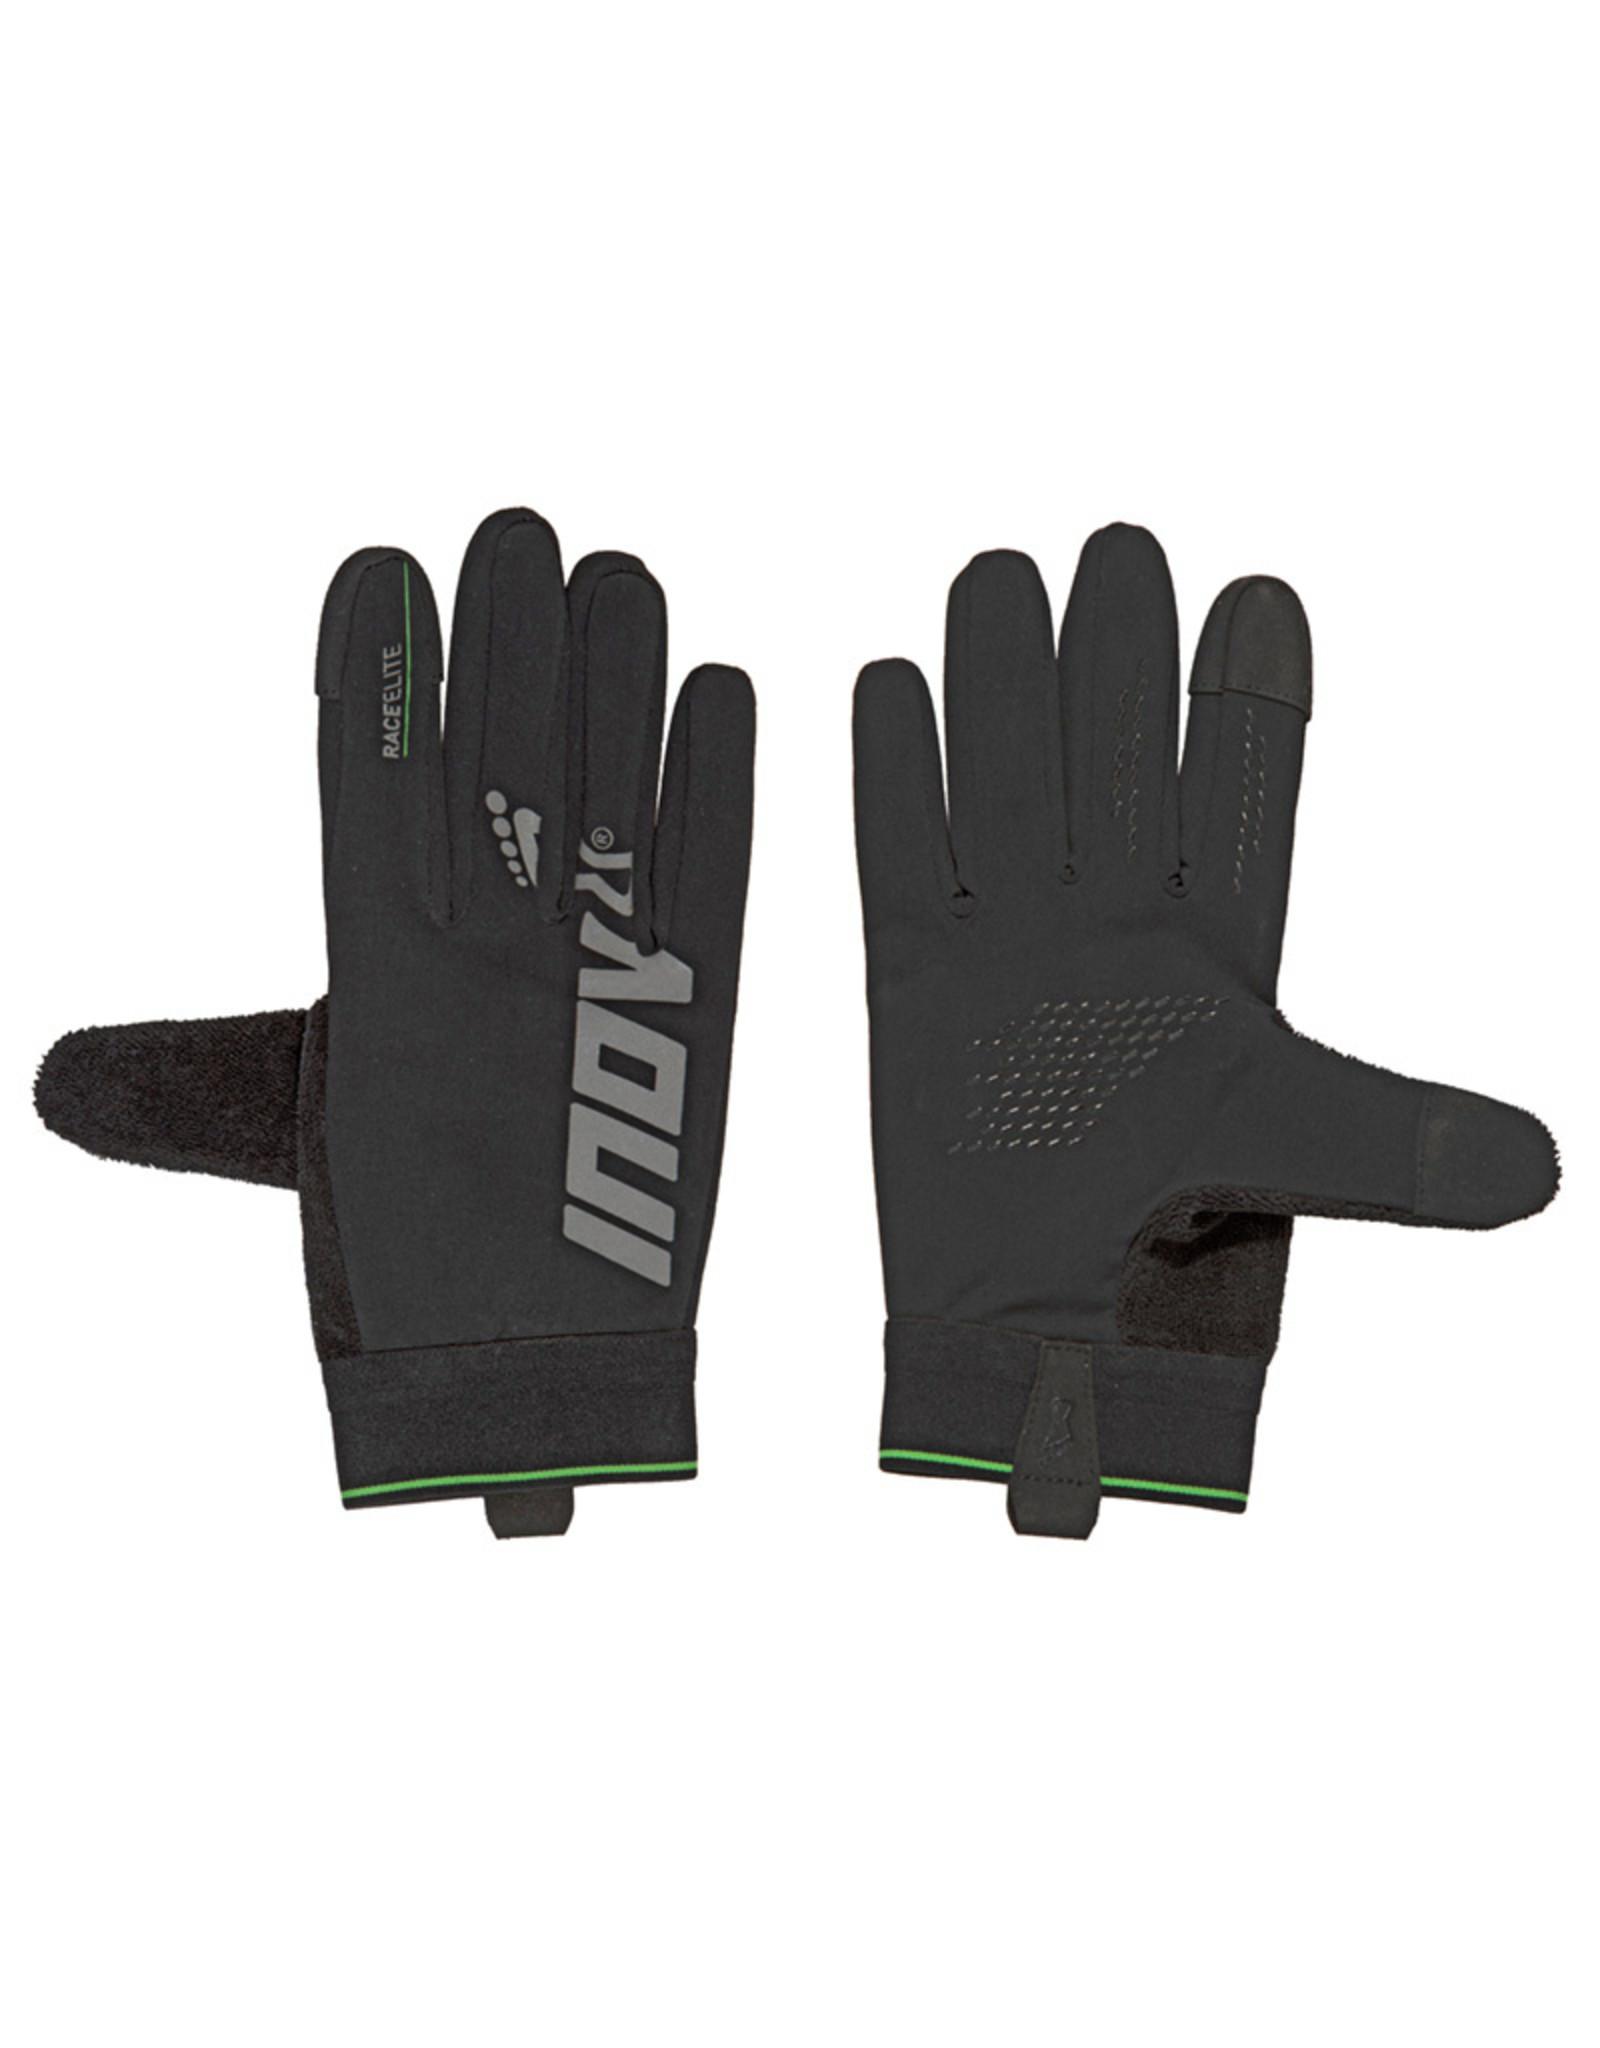 Inov-8 Race Elite Glove Handschoen - Zwart